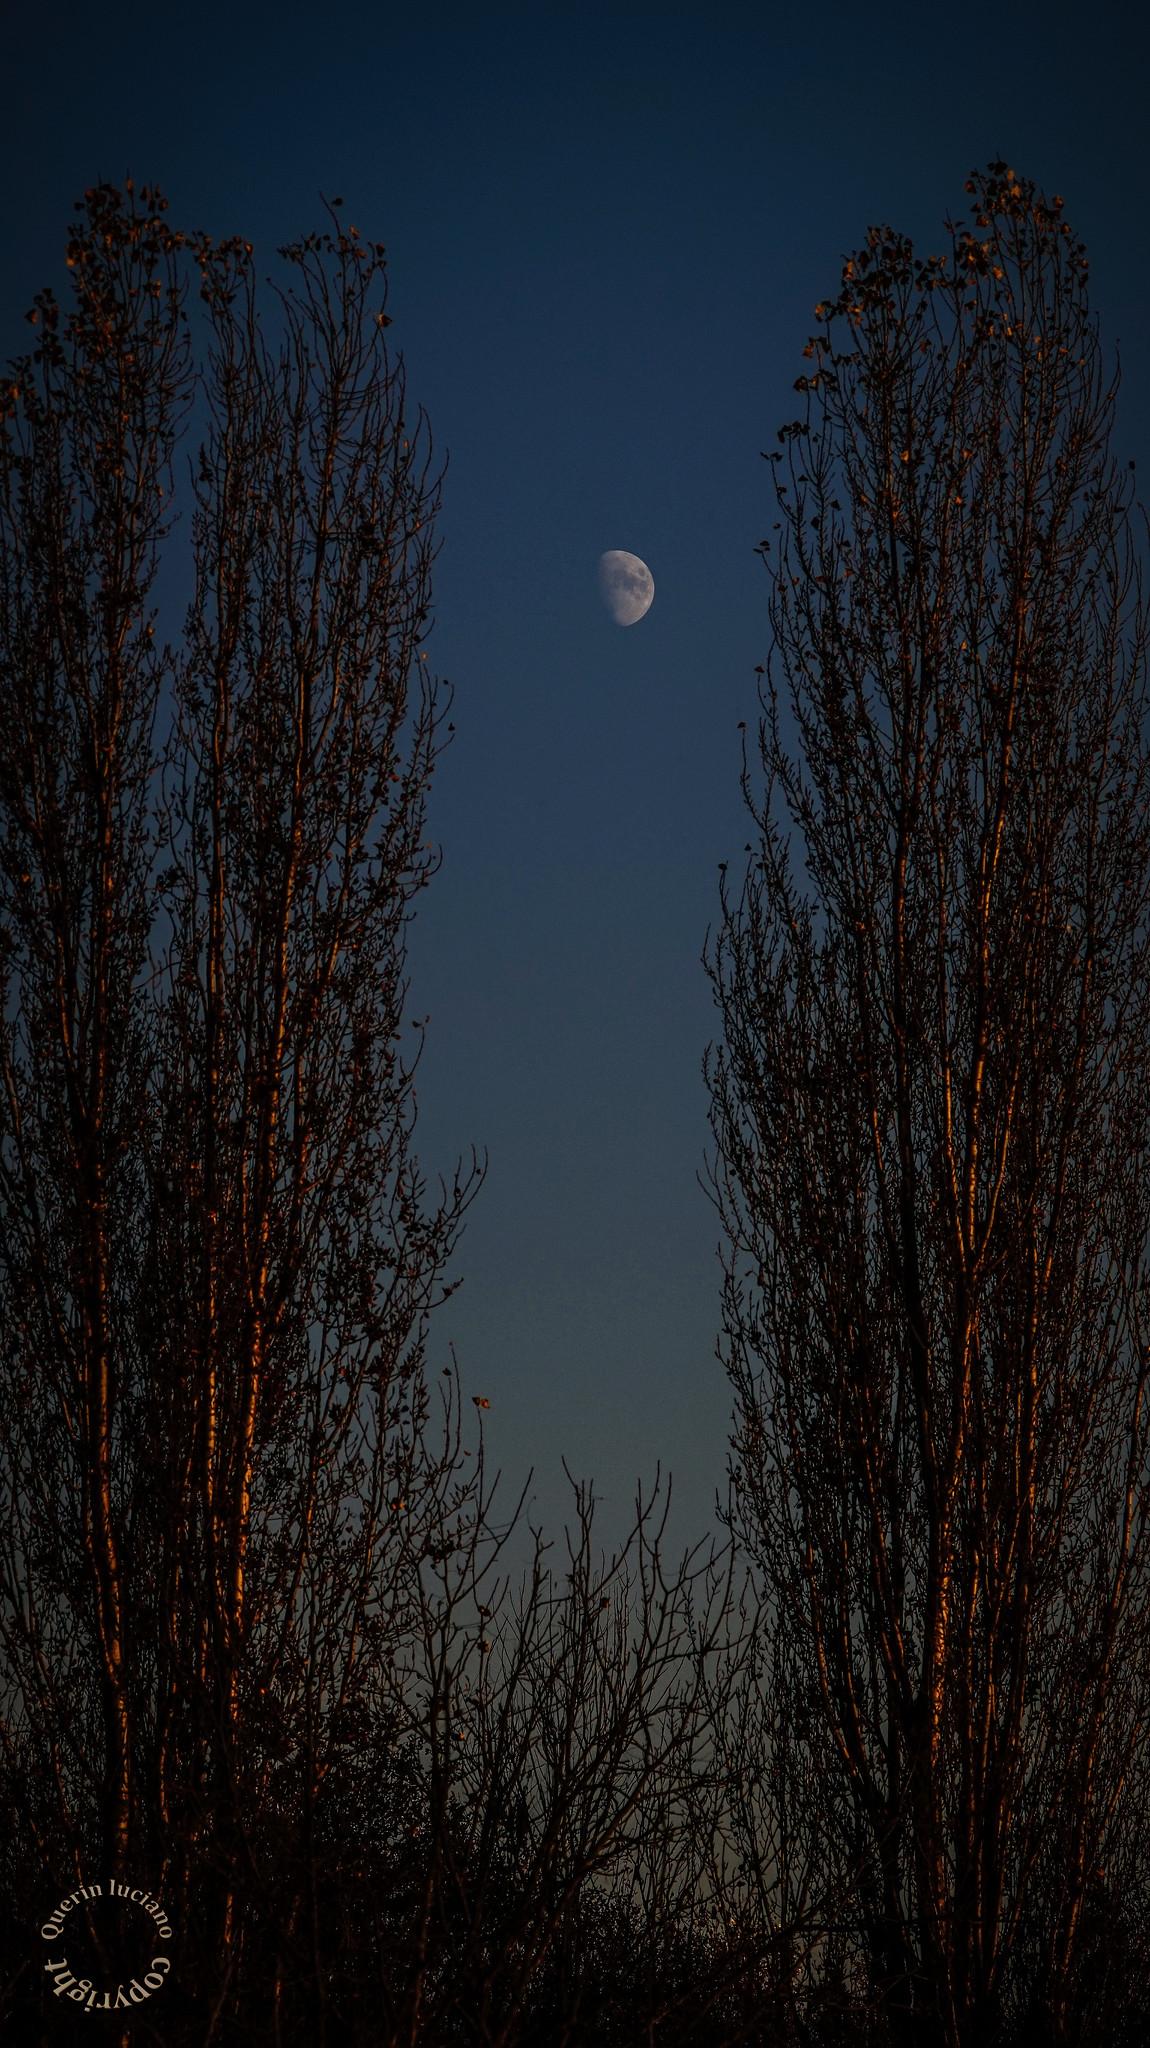 La luna saluta il sole che sta tramontando